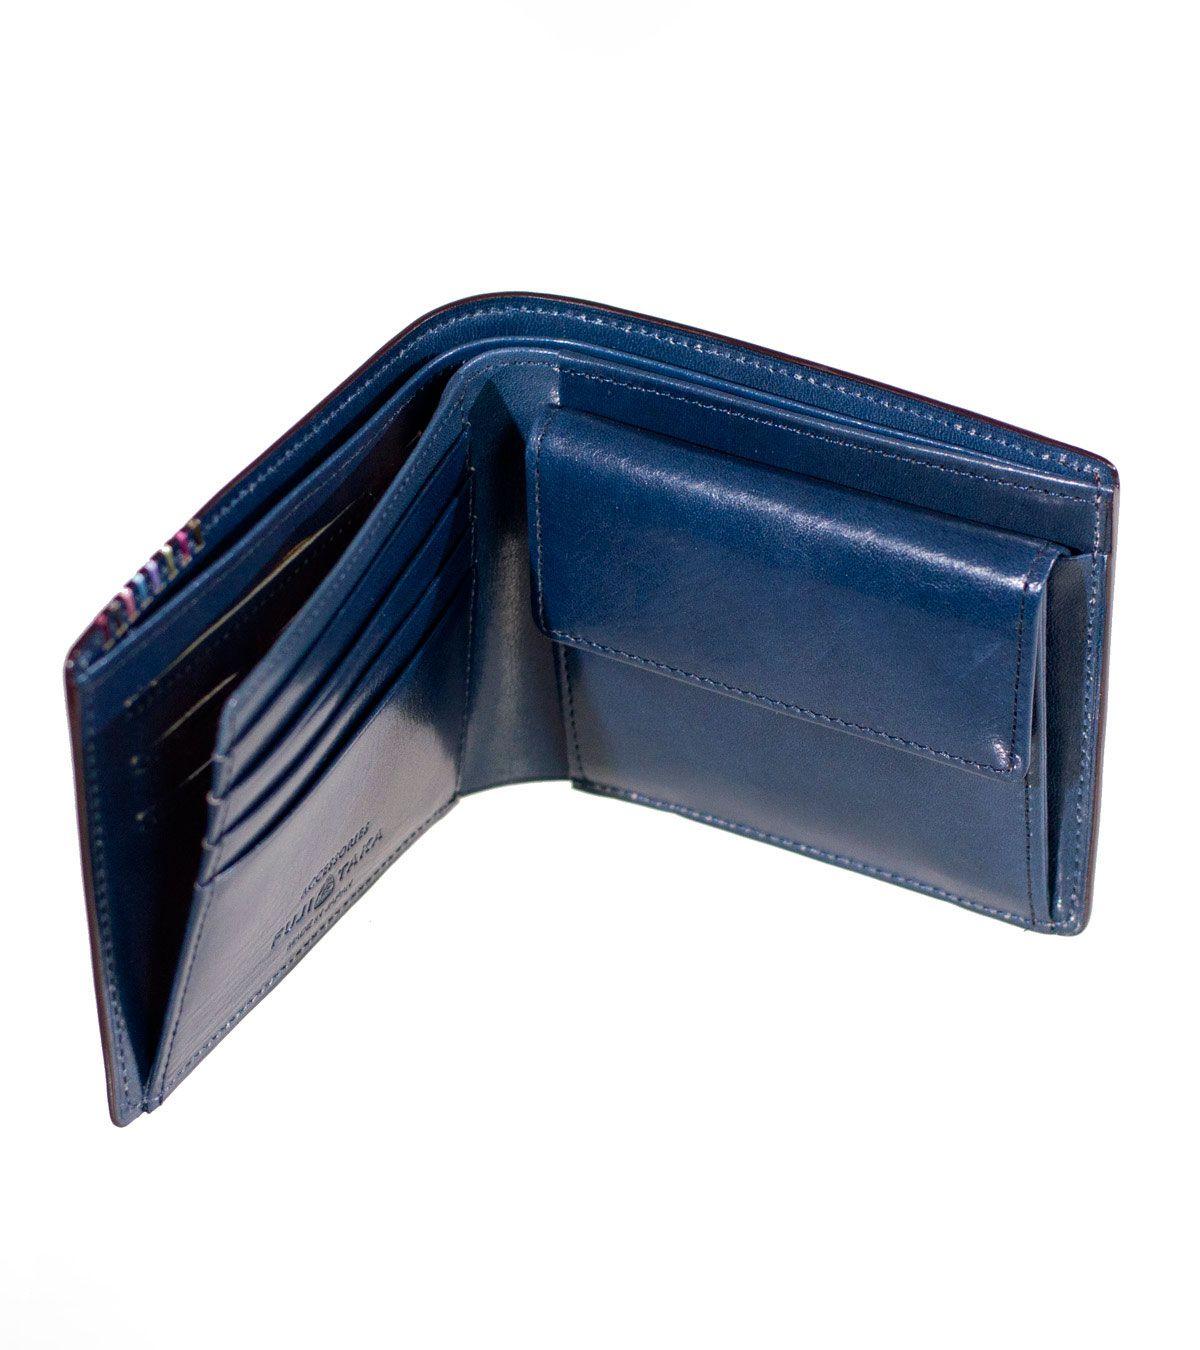 二つ折り財布 カード段13 オイルコードバン フォール No.614606   FUJITAKA公式サイト